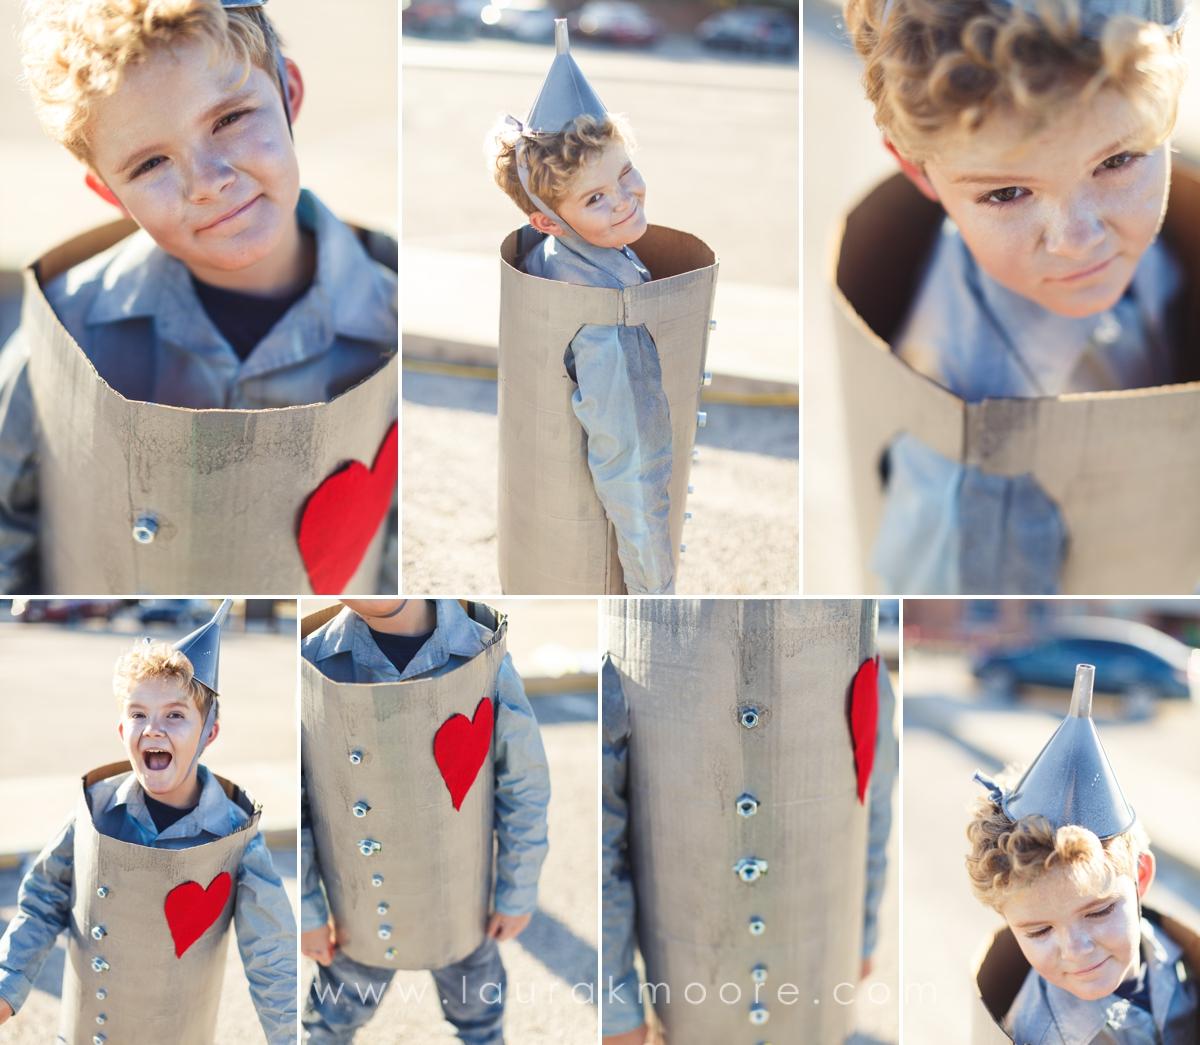 tin-man-wizard-of-oz-costume-tucson-arizona